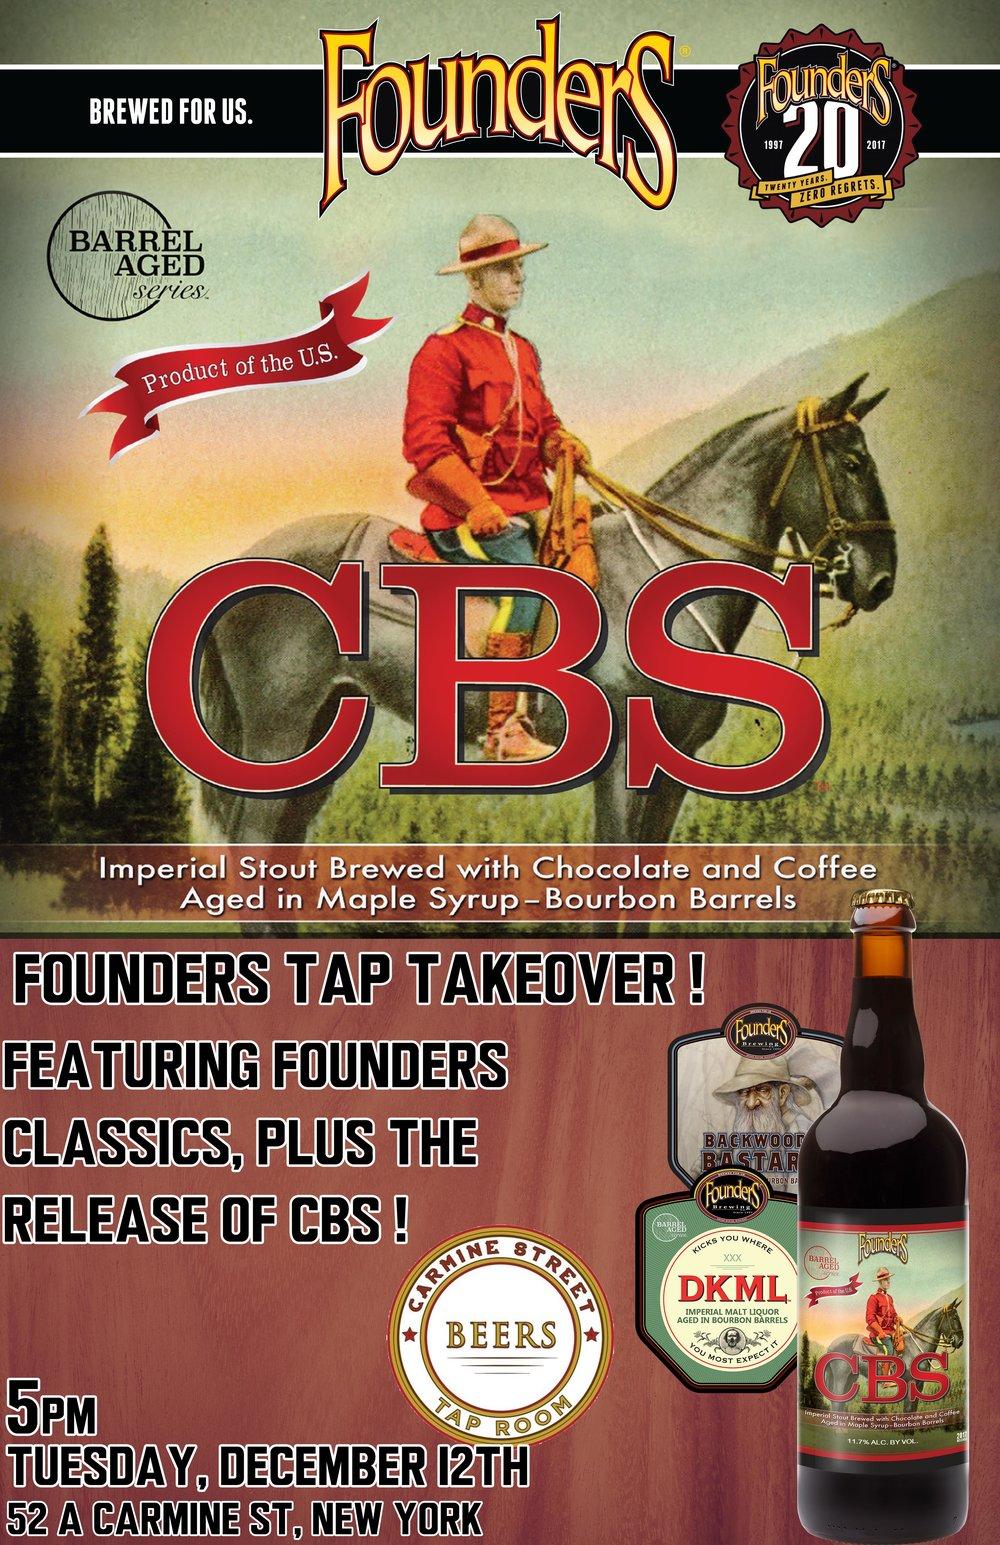 CARMINE STREET BEERS_FOUNDERS _CBS.jpg